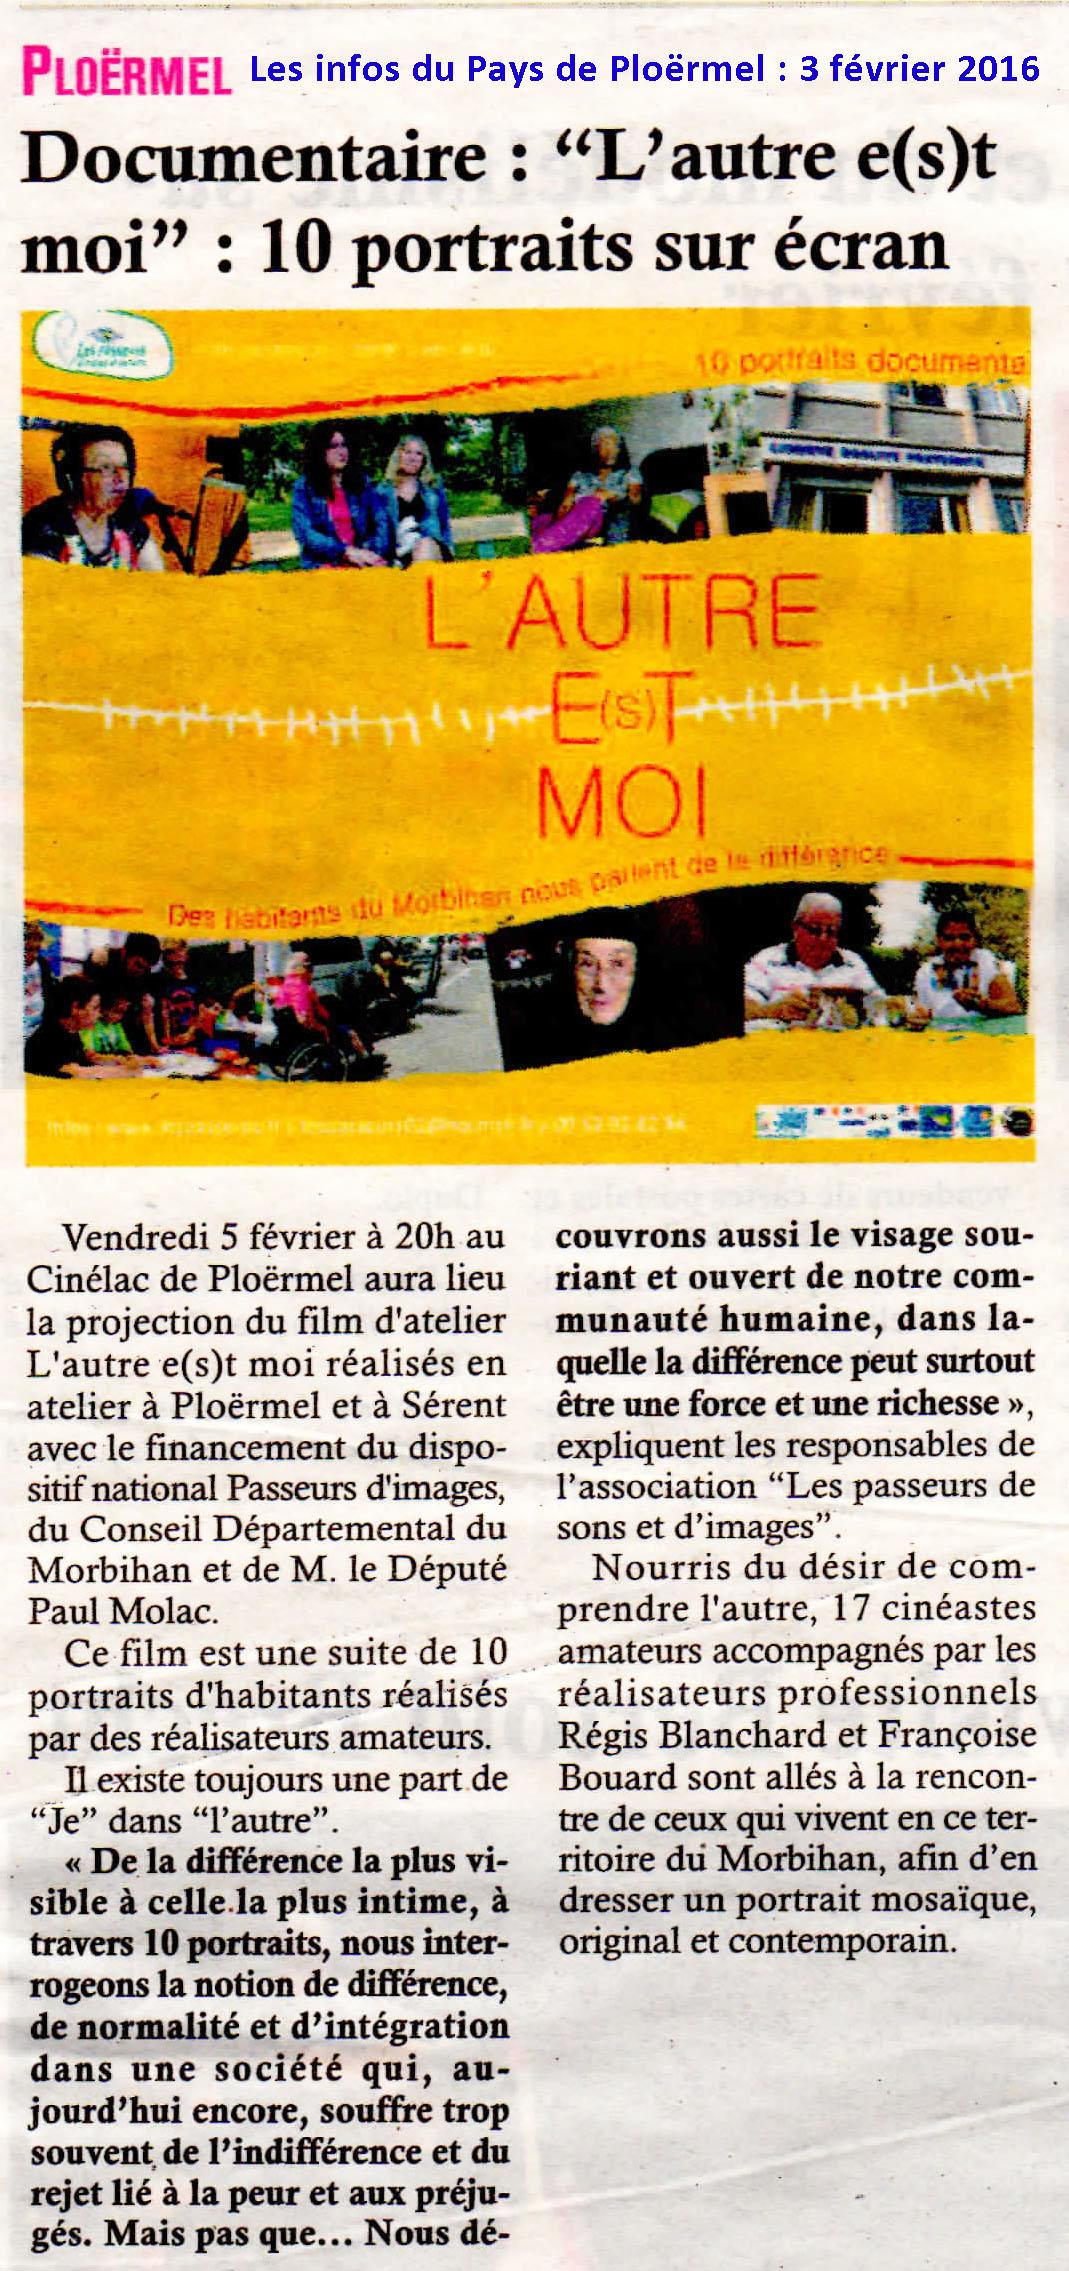 2016 02 03 L'autre e(s)t moi Les Infos.jpg